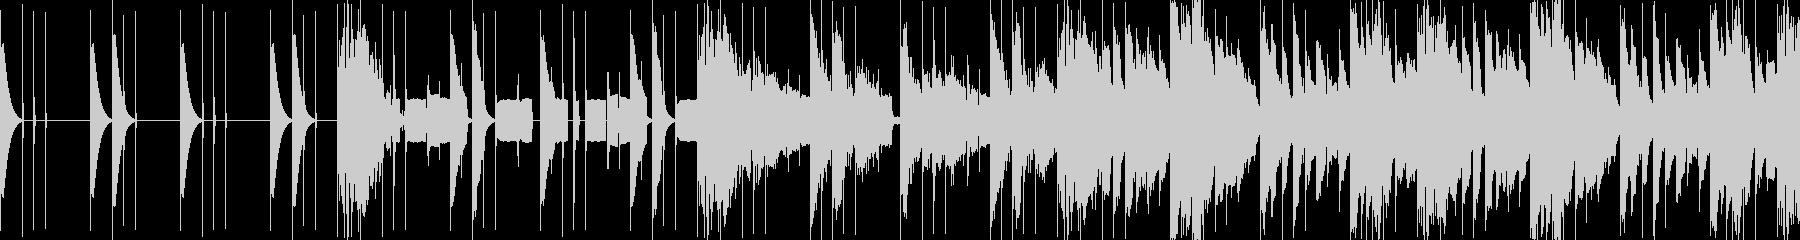 【ループ仕様】コミカルな曲の未再生の波形